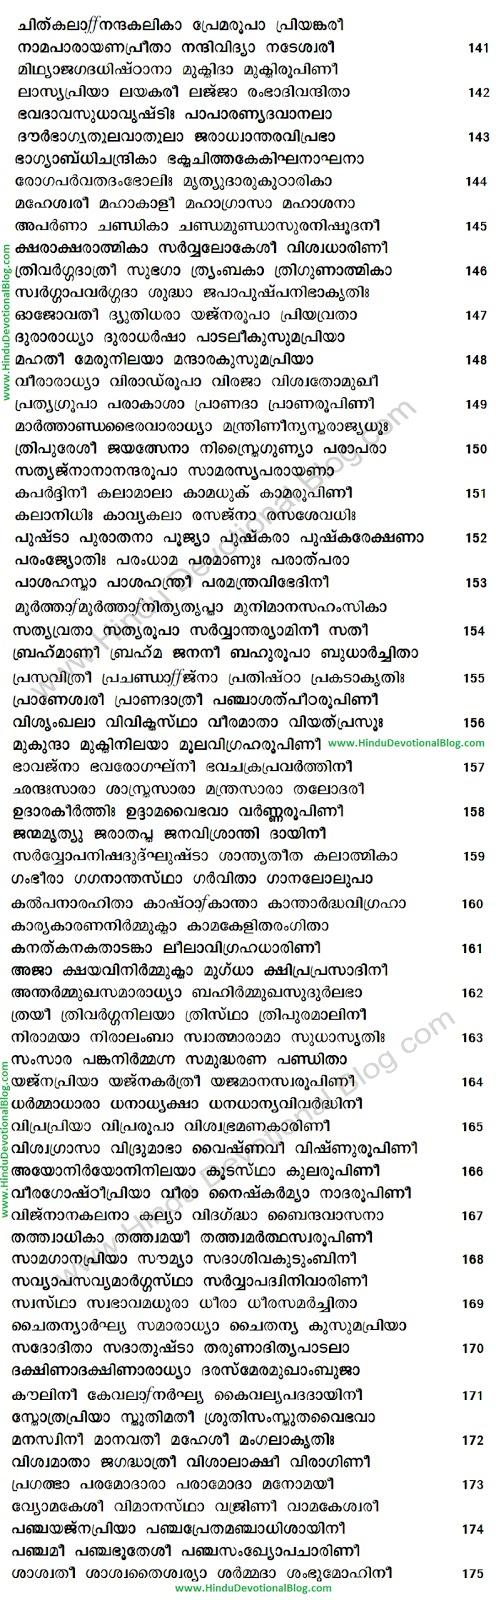 Lalitha Sahasranama Stotram Malayalam Lyrics   Hindu